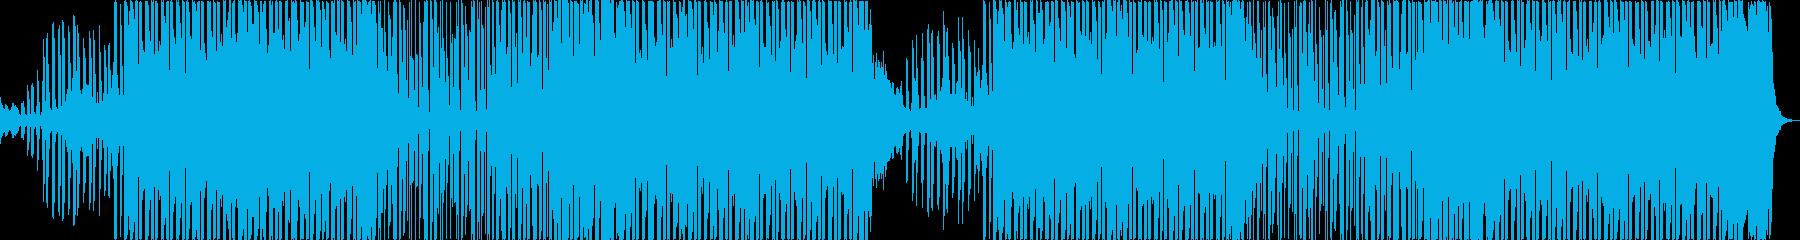 おしゃれ洋楽トラップヒップホップレゲエaの再生済みの波形